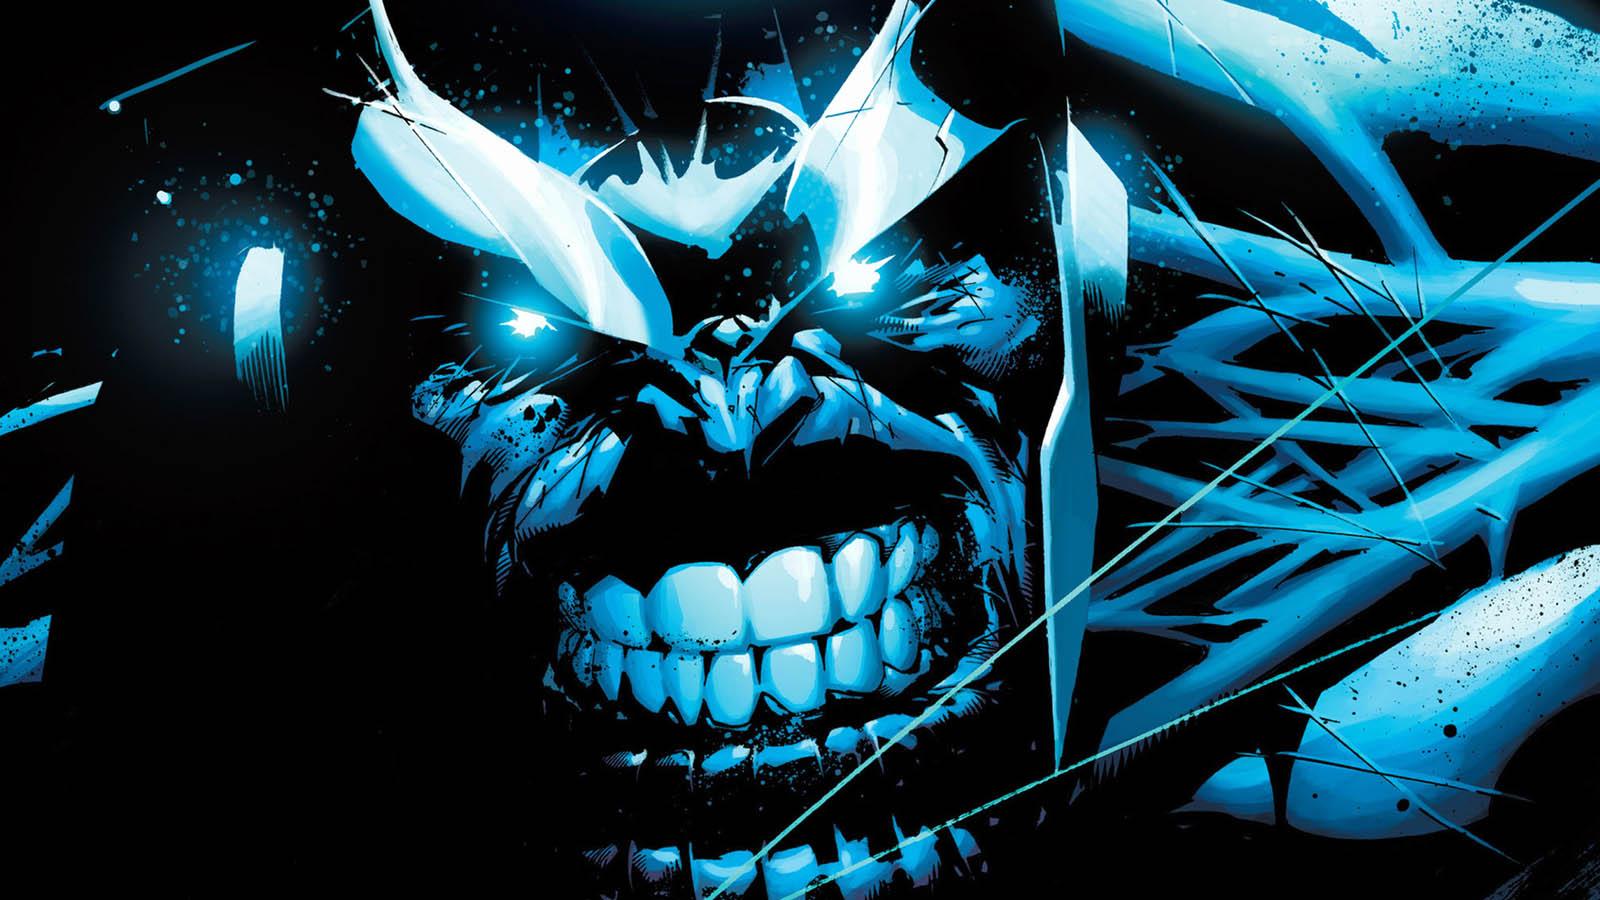 Thanos Blue Face Marvel wallpaper backgroundThanos Marvel Wallpaper